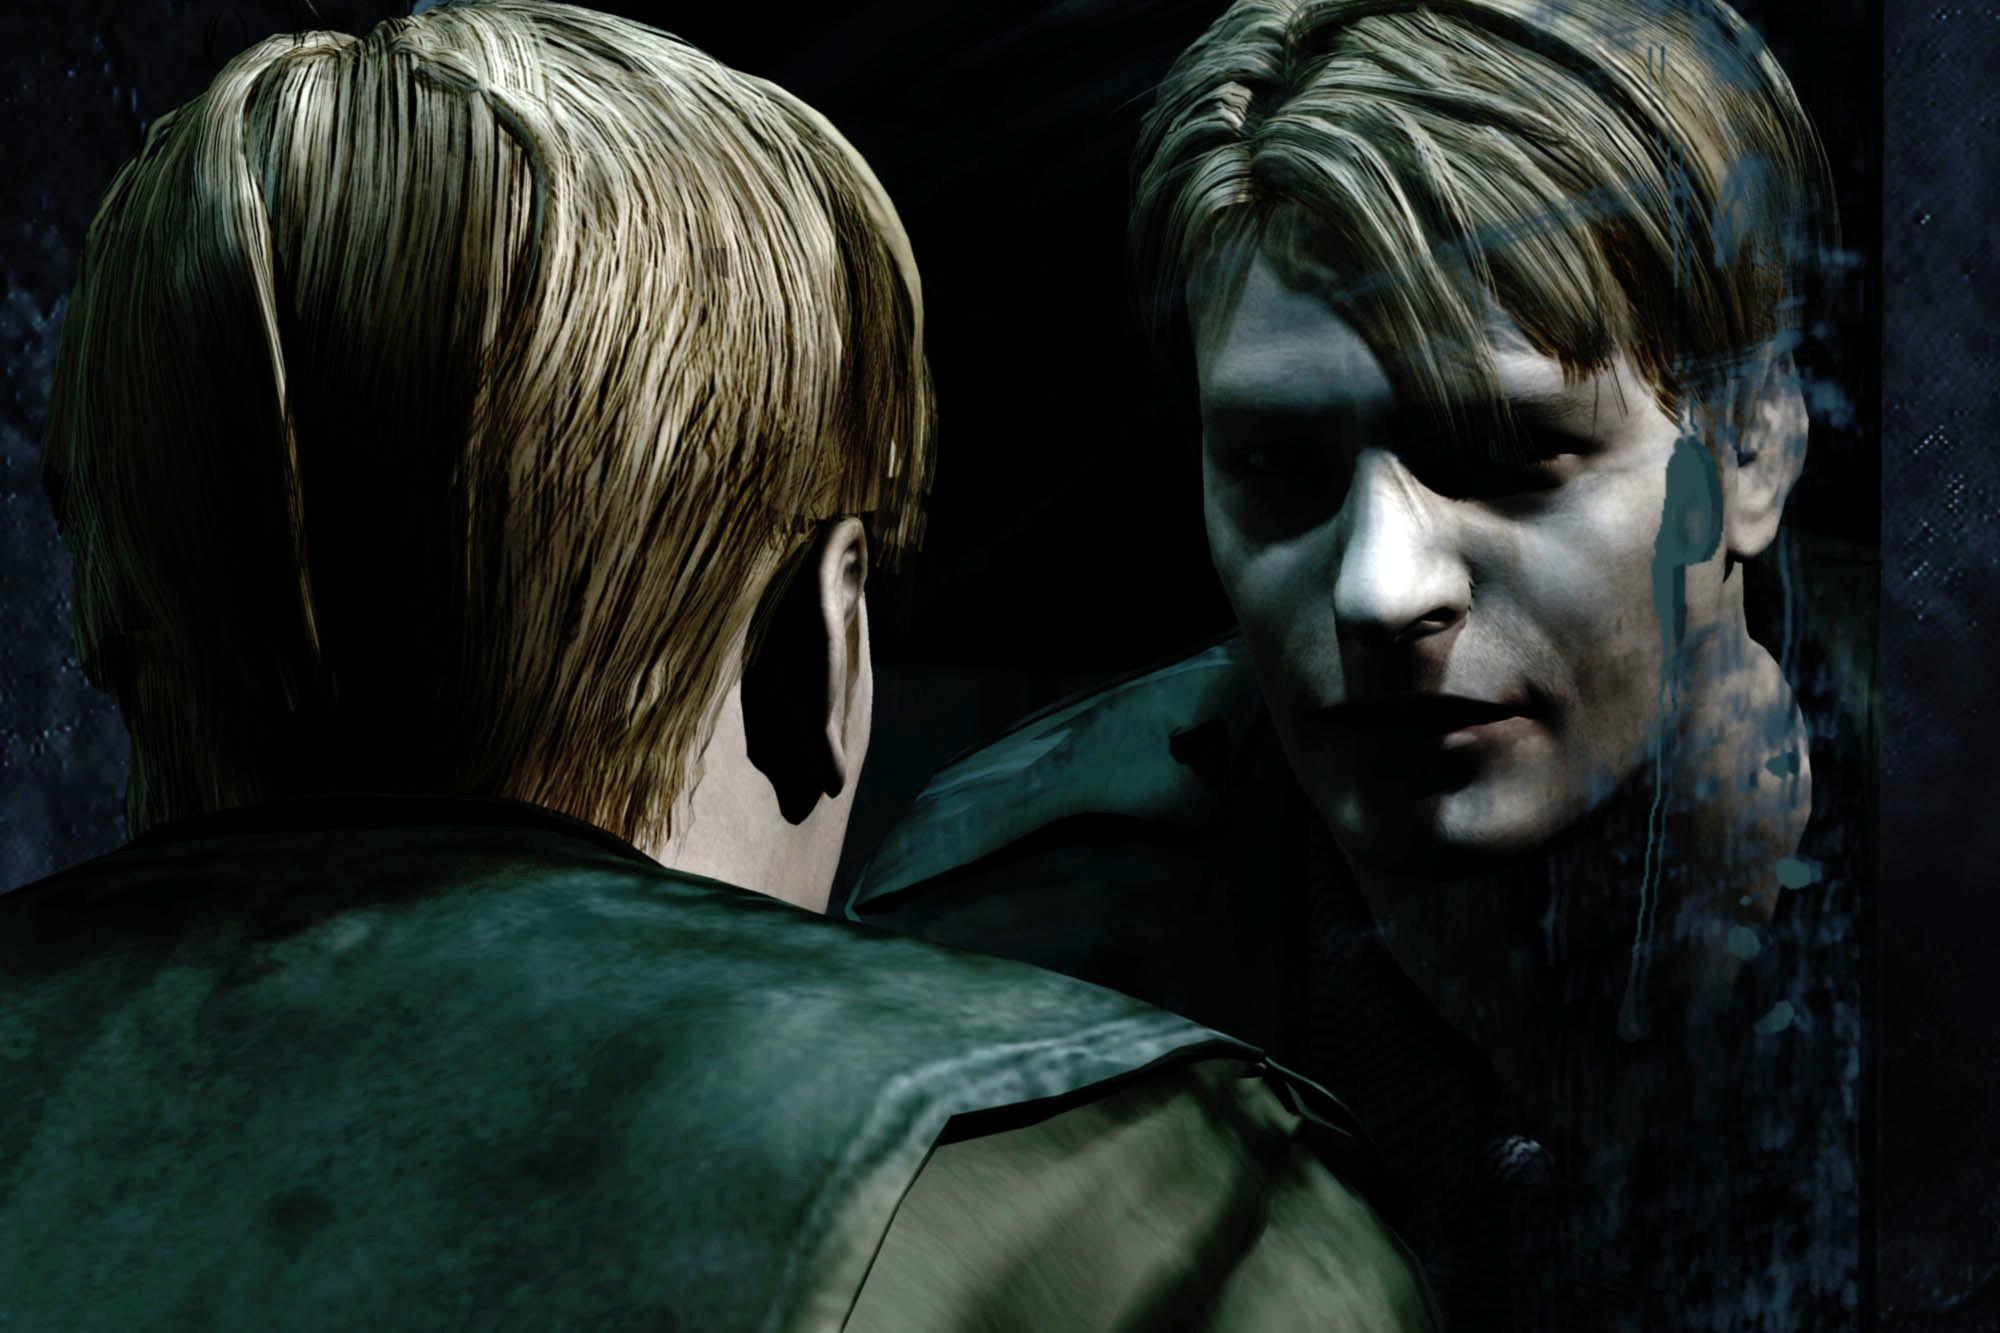 Silent Hill 2 | Một chút suy nghĩ về góc nhìn của James Sunderland